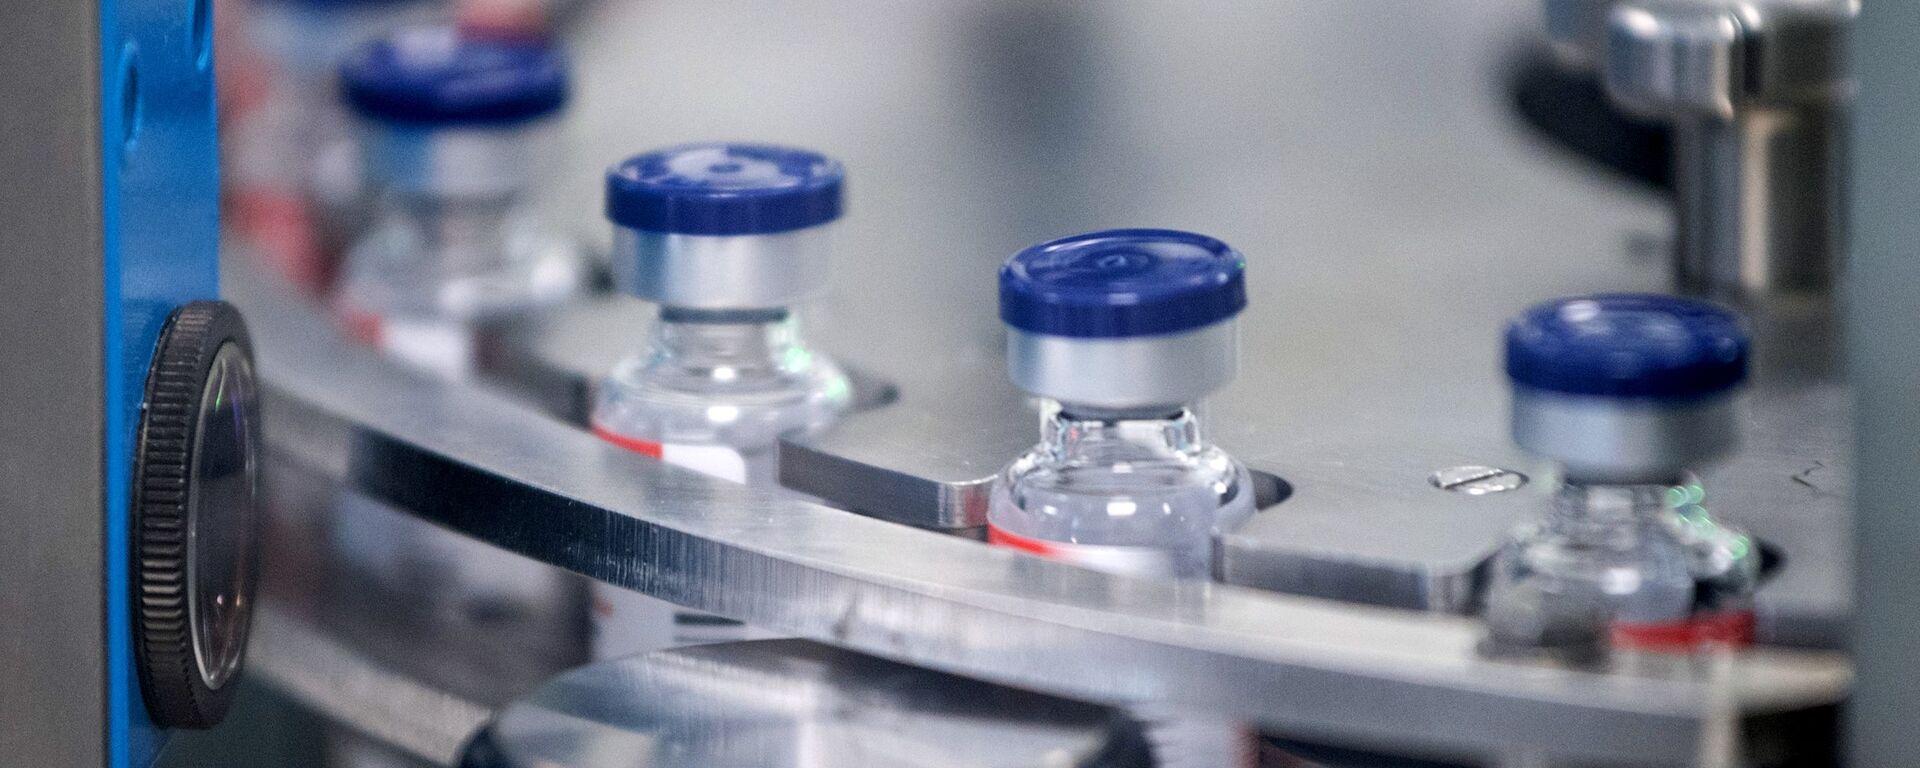 Sản xuất vắc xin Sputnik V tại Tổ hợp dược phẩm Karaganda - Sputnik Việt Nam, 1920, 22.07.2021